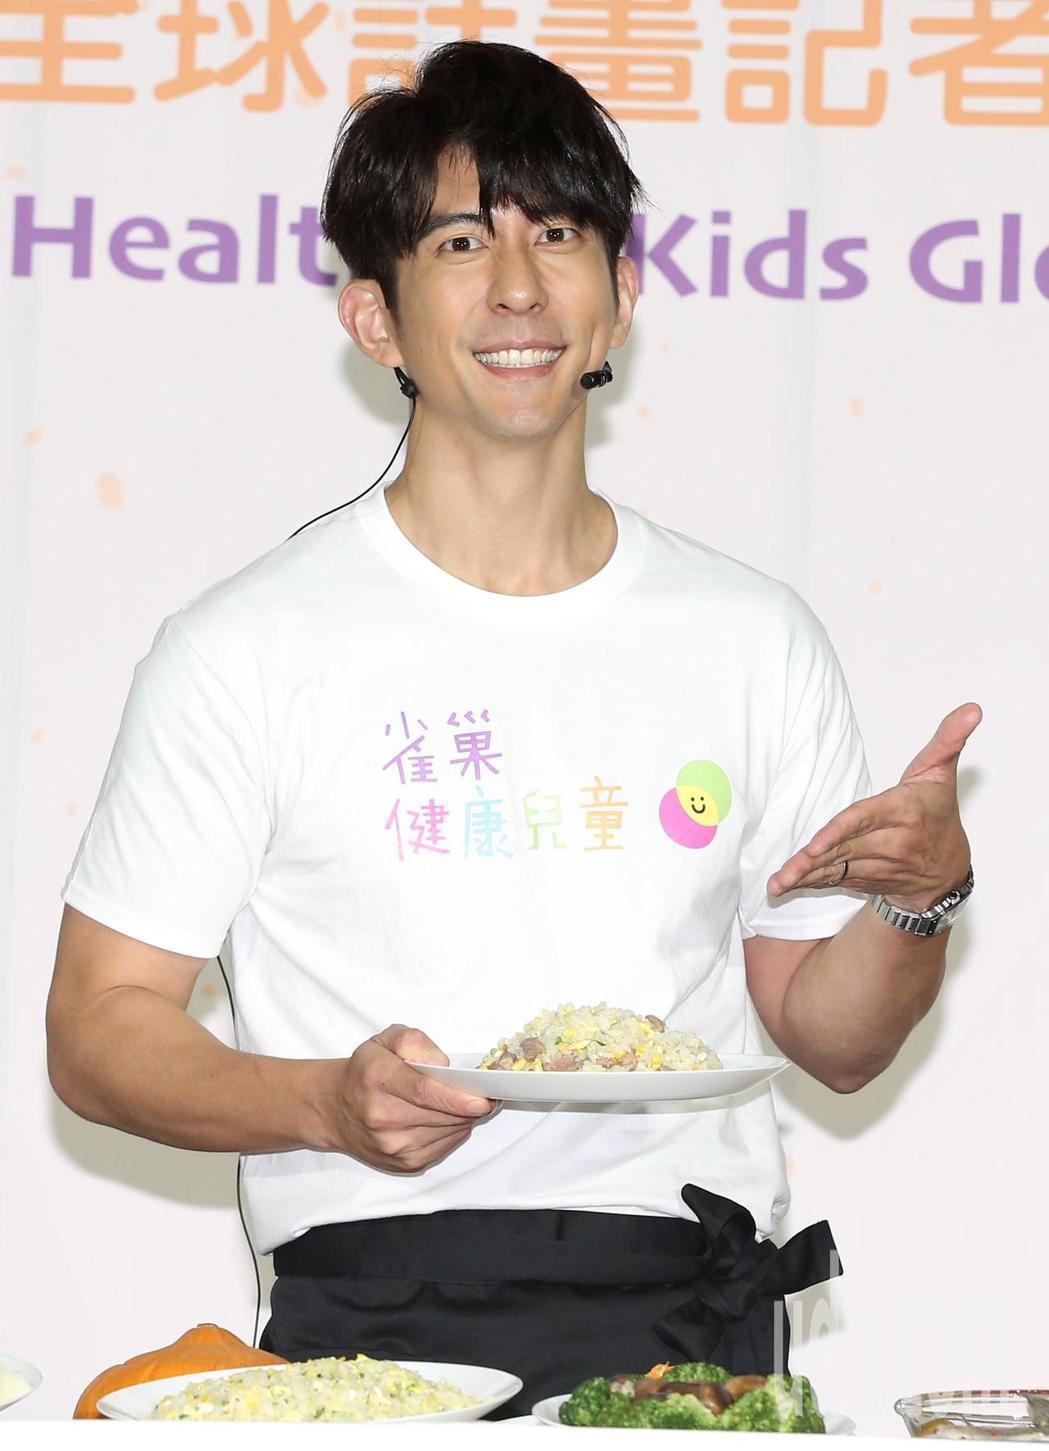 修杰楷擔任「健康兒童全球計畫」大使,展現累積多年的廚藝。記者林澔一/攝影